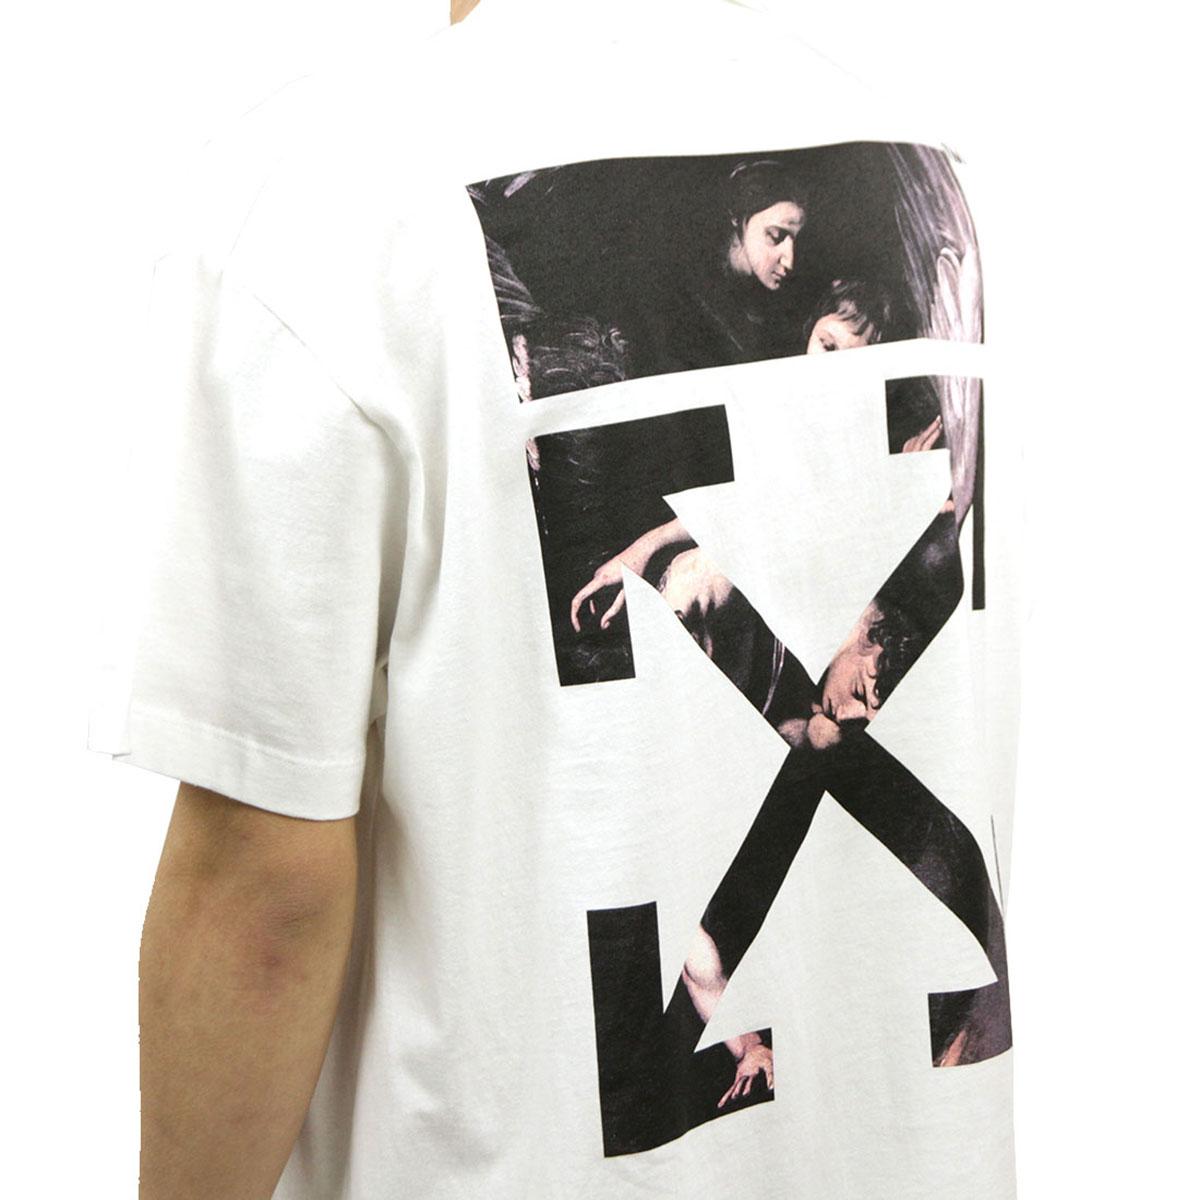 オフホワイト Tシャツ メンズ 正規品 OFF-WHITE 半袖Tシャツ クルーネックTシャツ CARAVAGGIO ARROW S/S OVER TEE WHITE MULT OMAA038S201850040188 AB3B B1C C1D D1E E01F